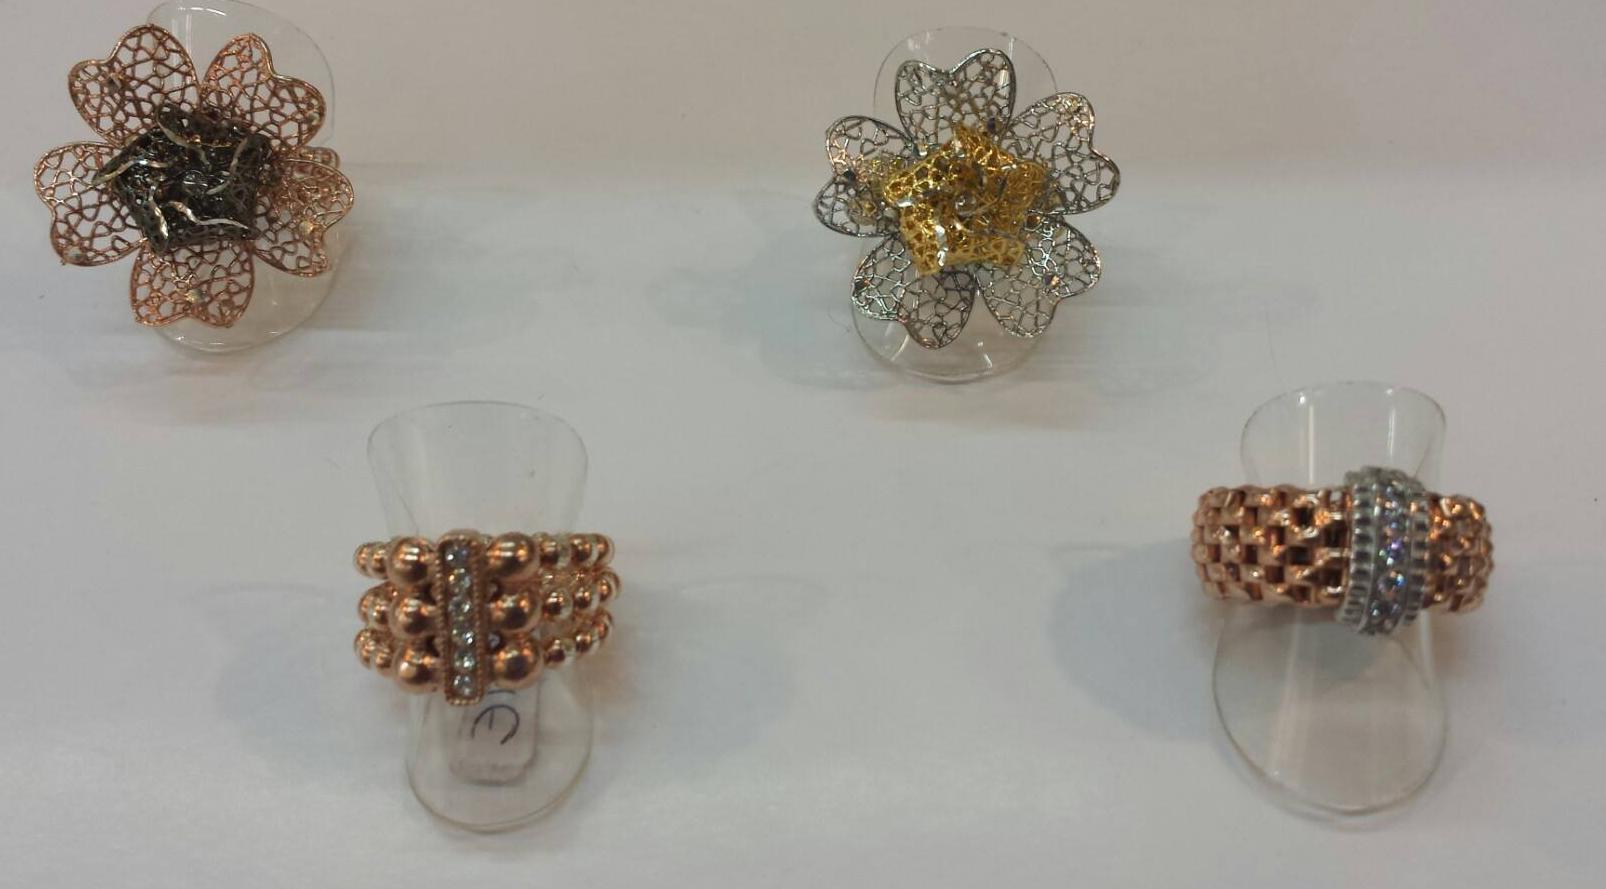 Anillos de plata, chapados en bronce y oro